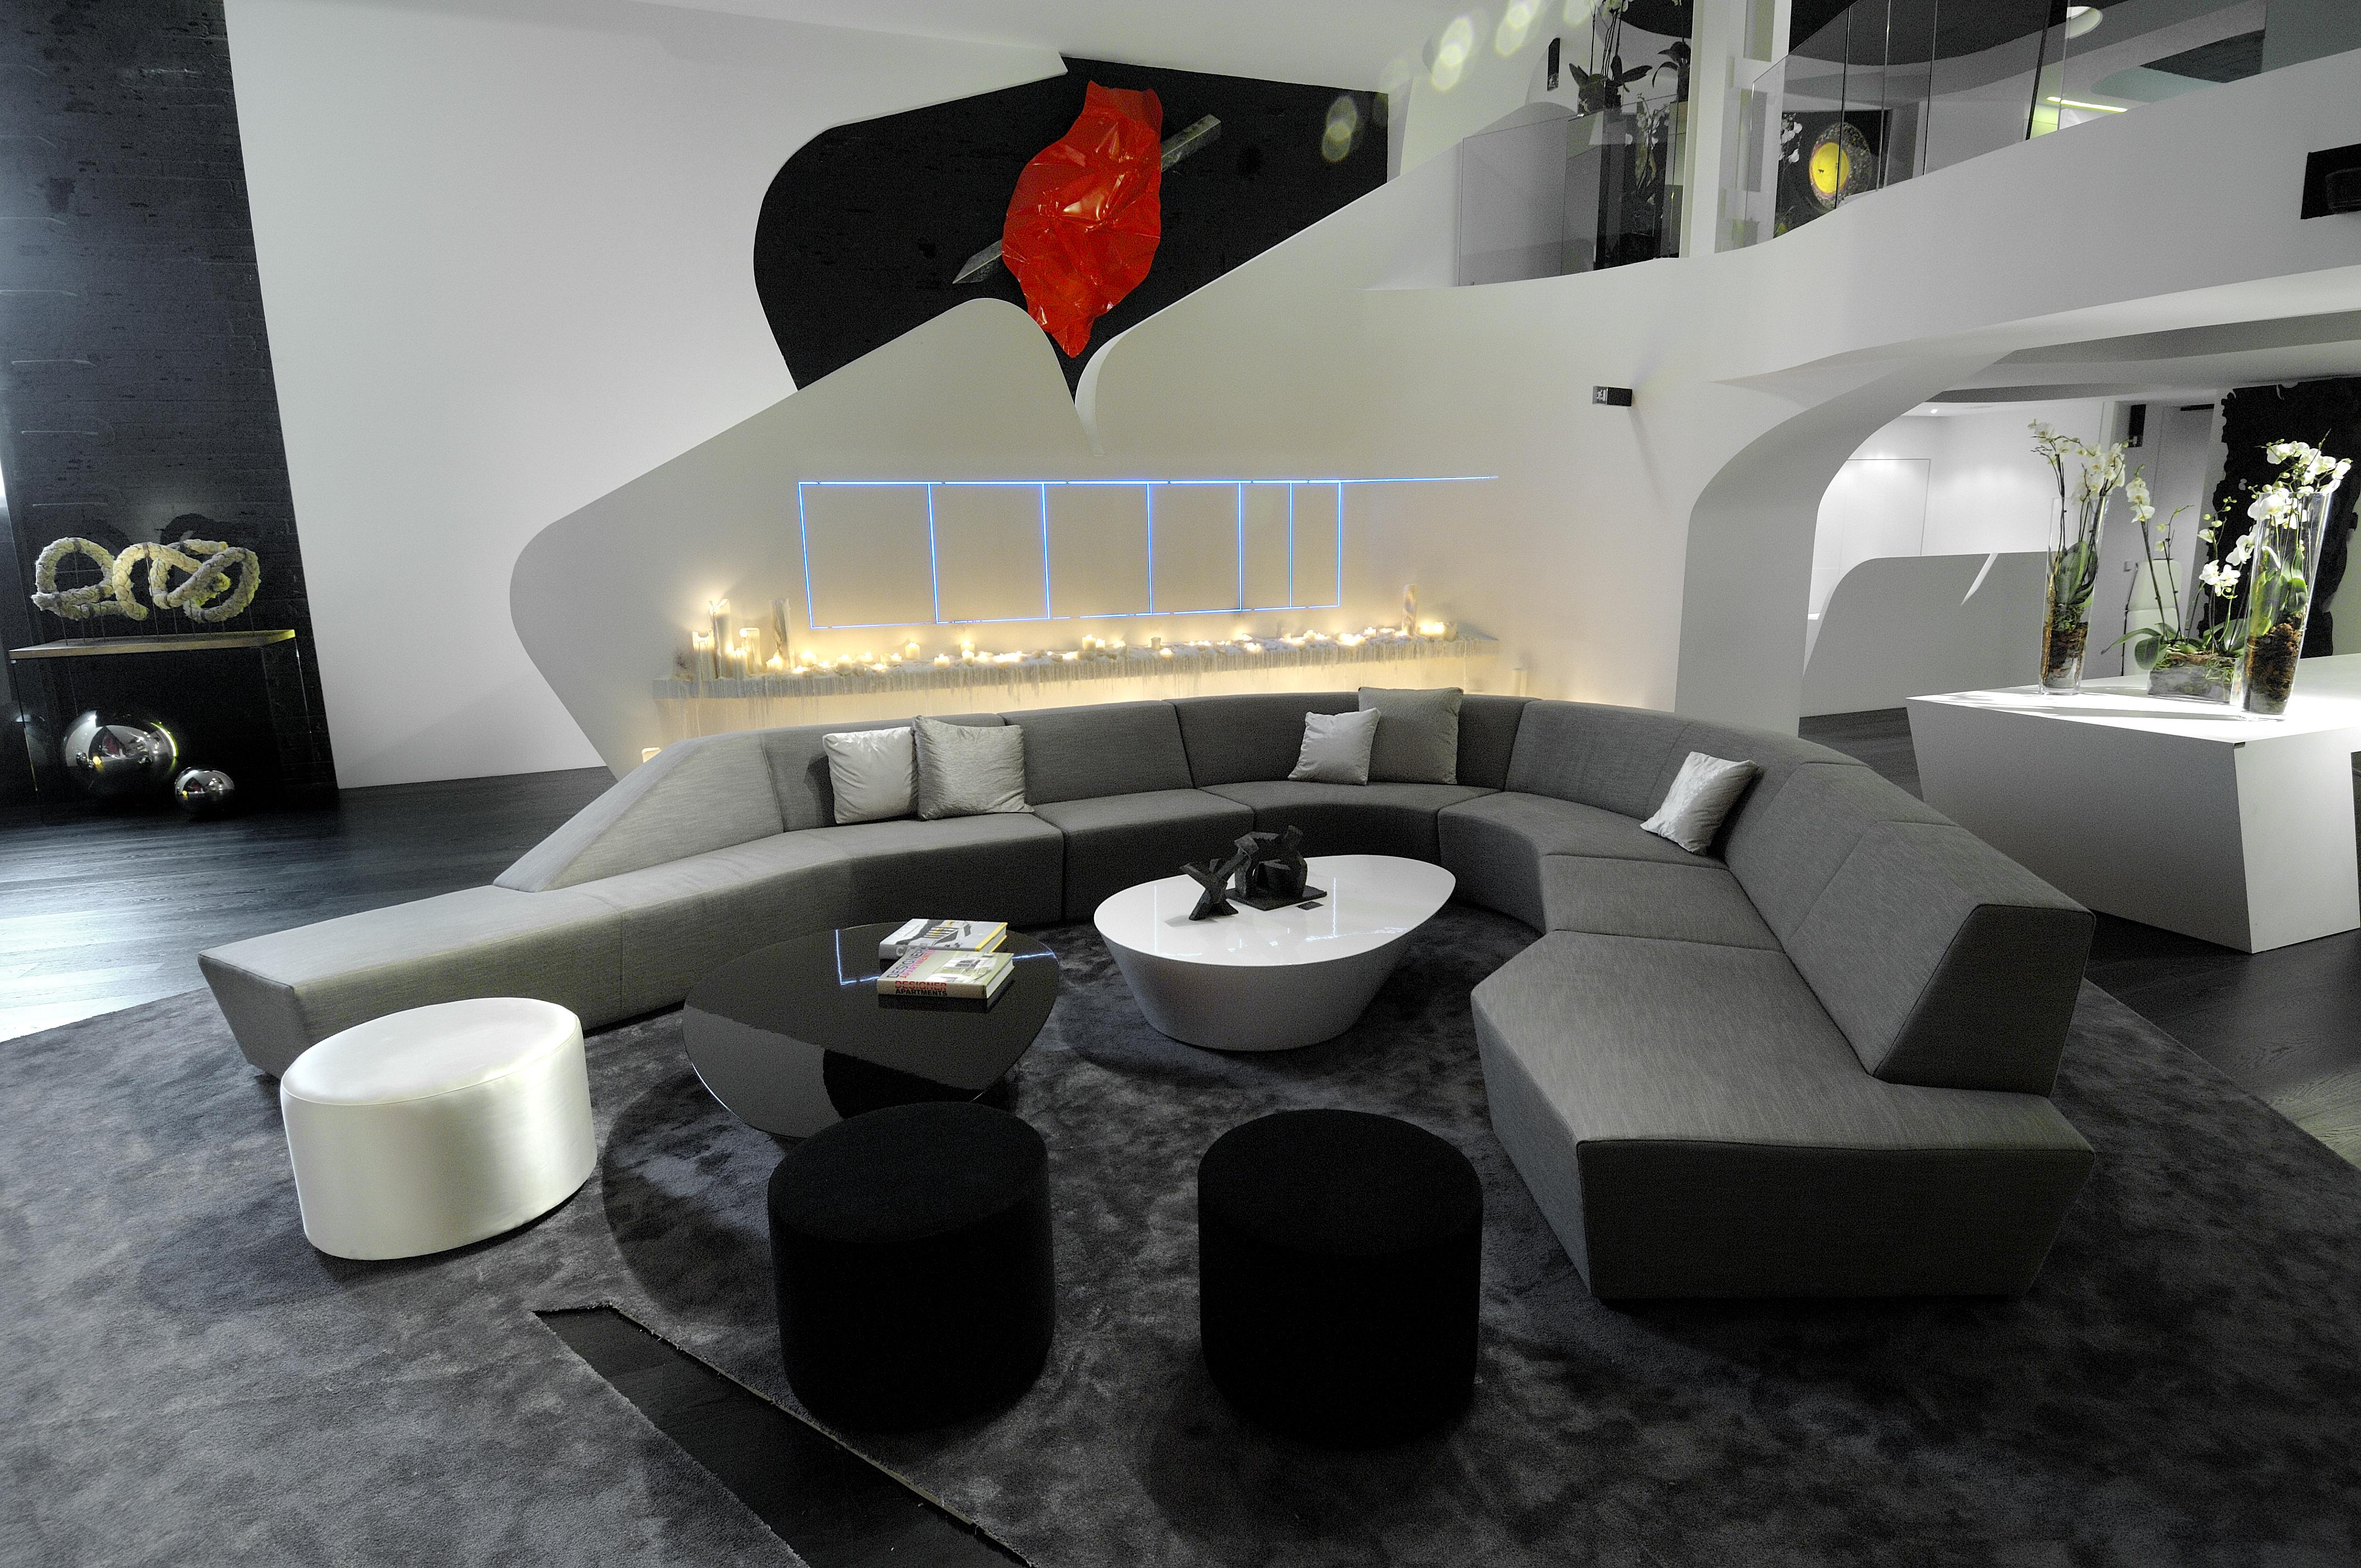 A cero in arte en el interiorismo escaparate del dise o Casas modulares de diseno joaquin torres